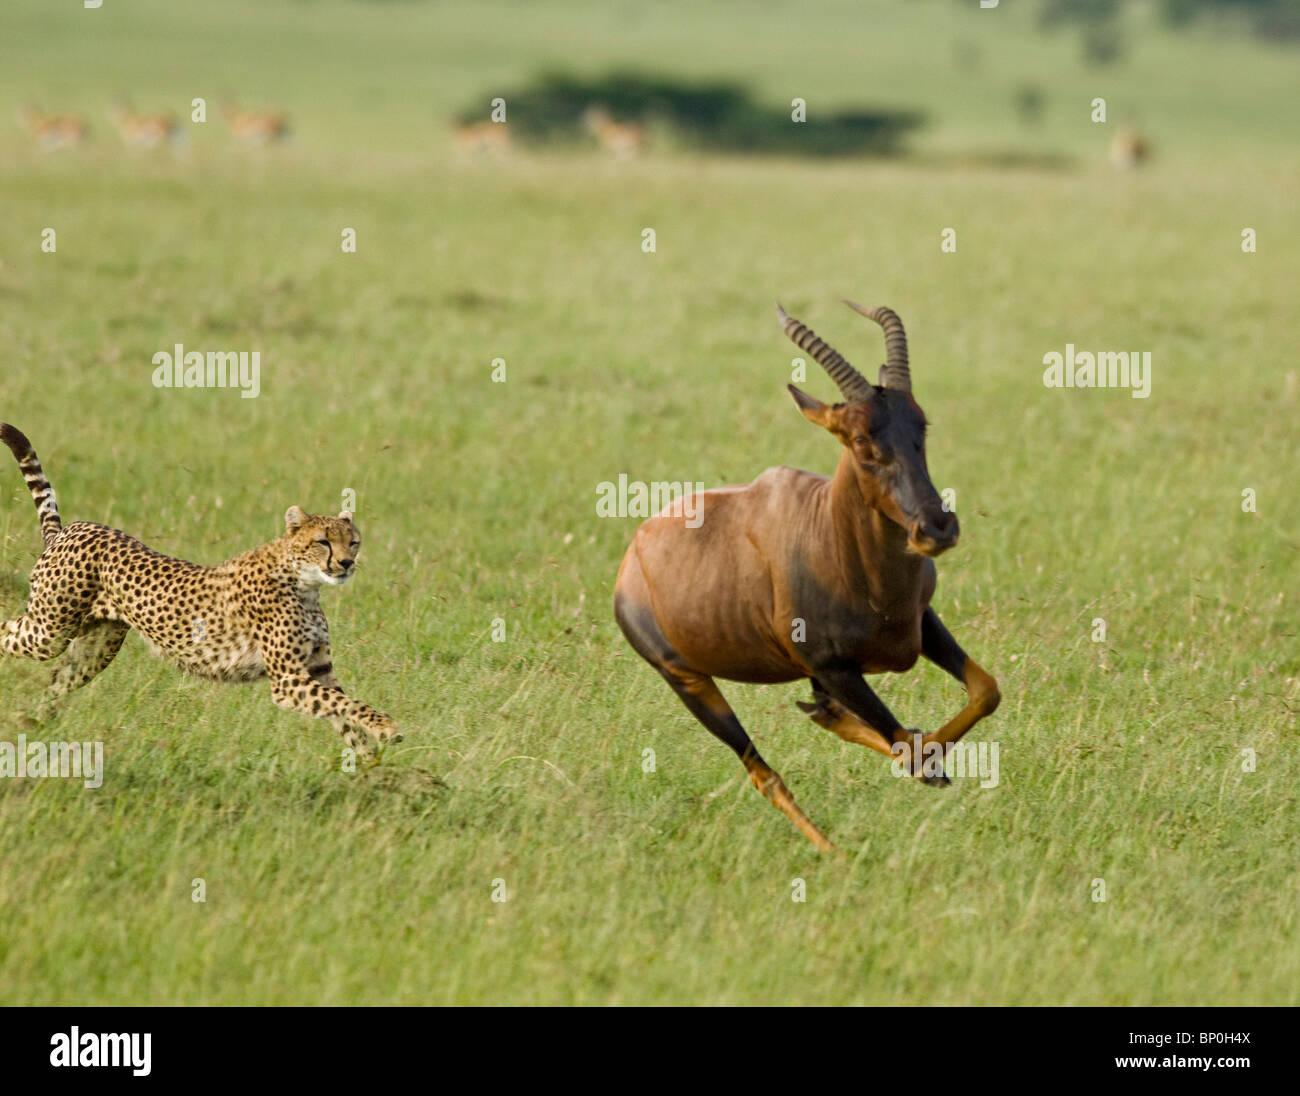 Au Kenya, le Masai Mara. Une femelle guépard chasse un topi dans les plaines d'herbe courte. Banque D'Images